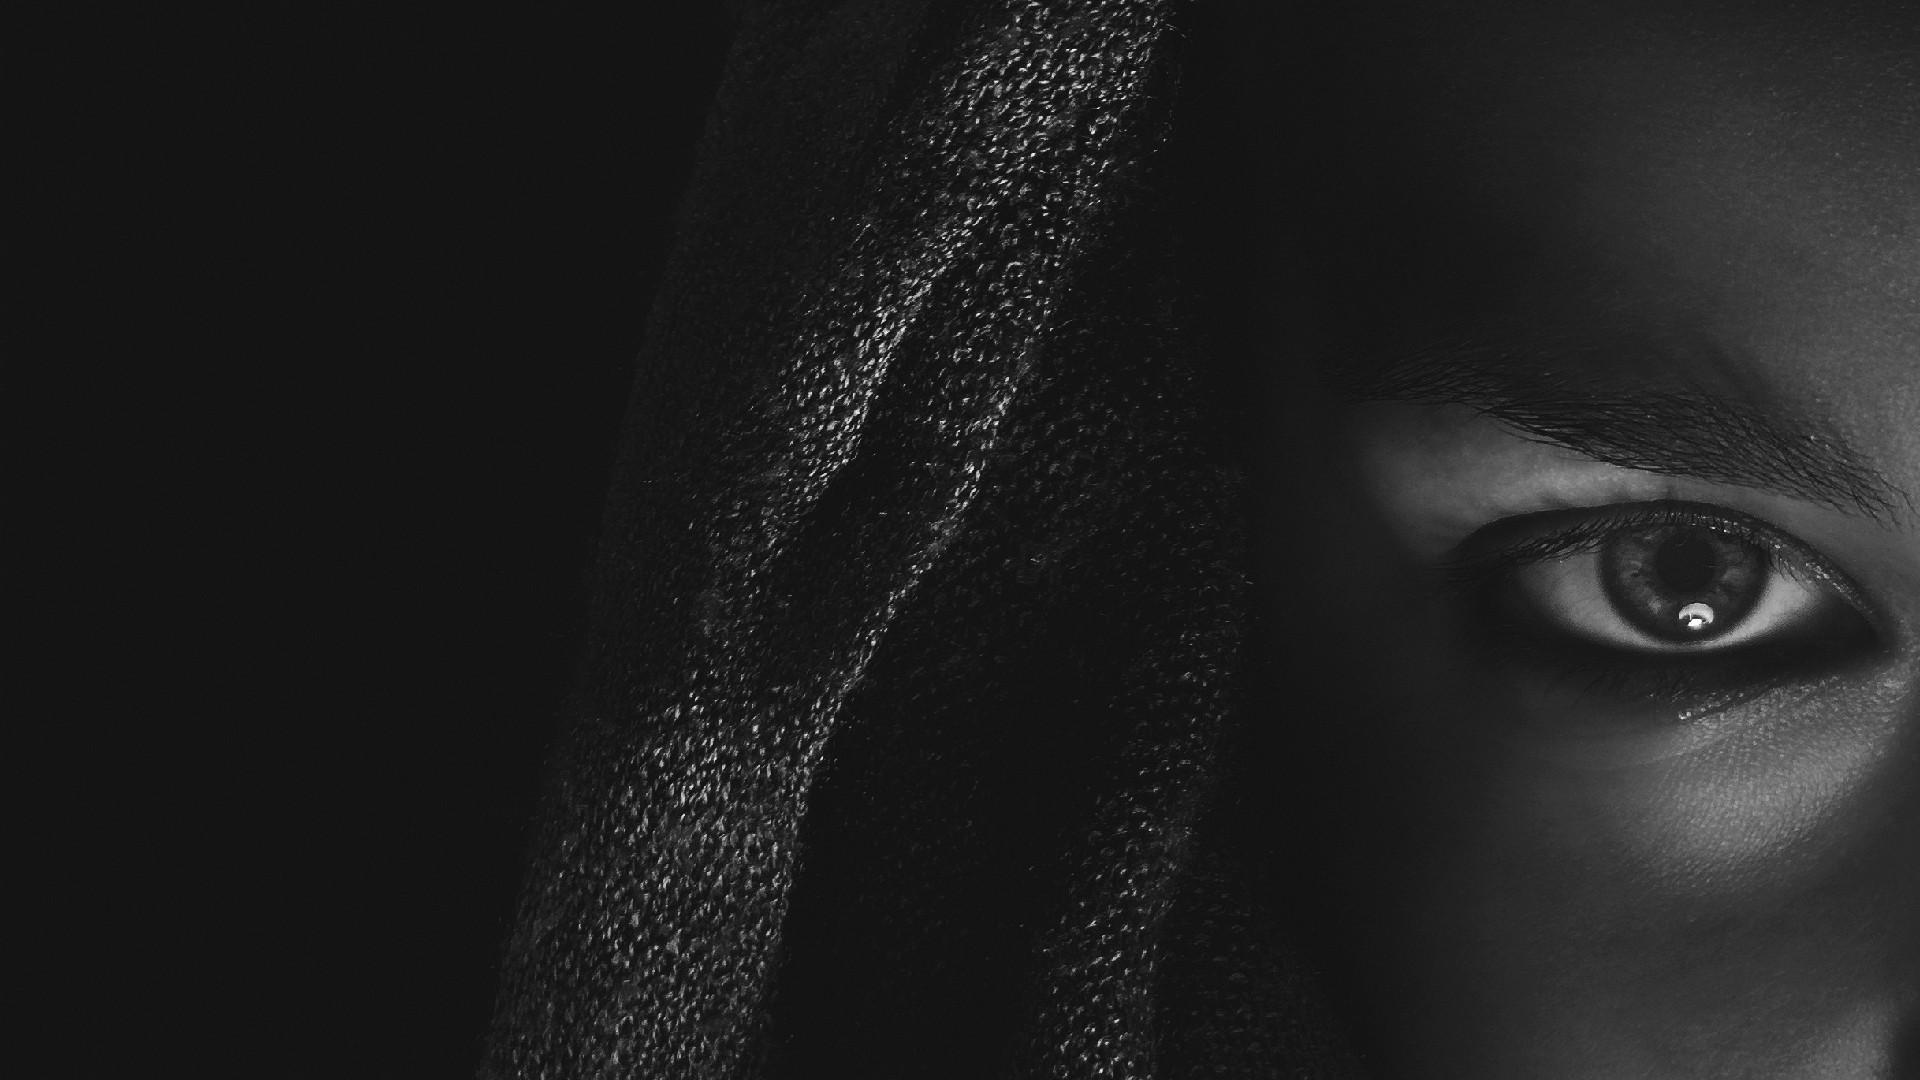 девушка в черном без смс